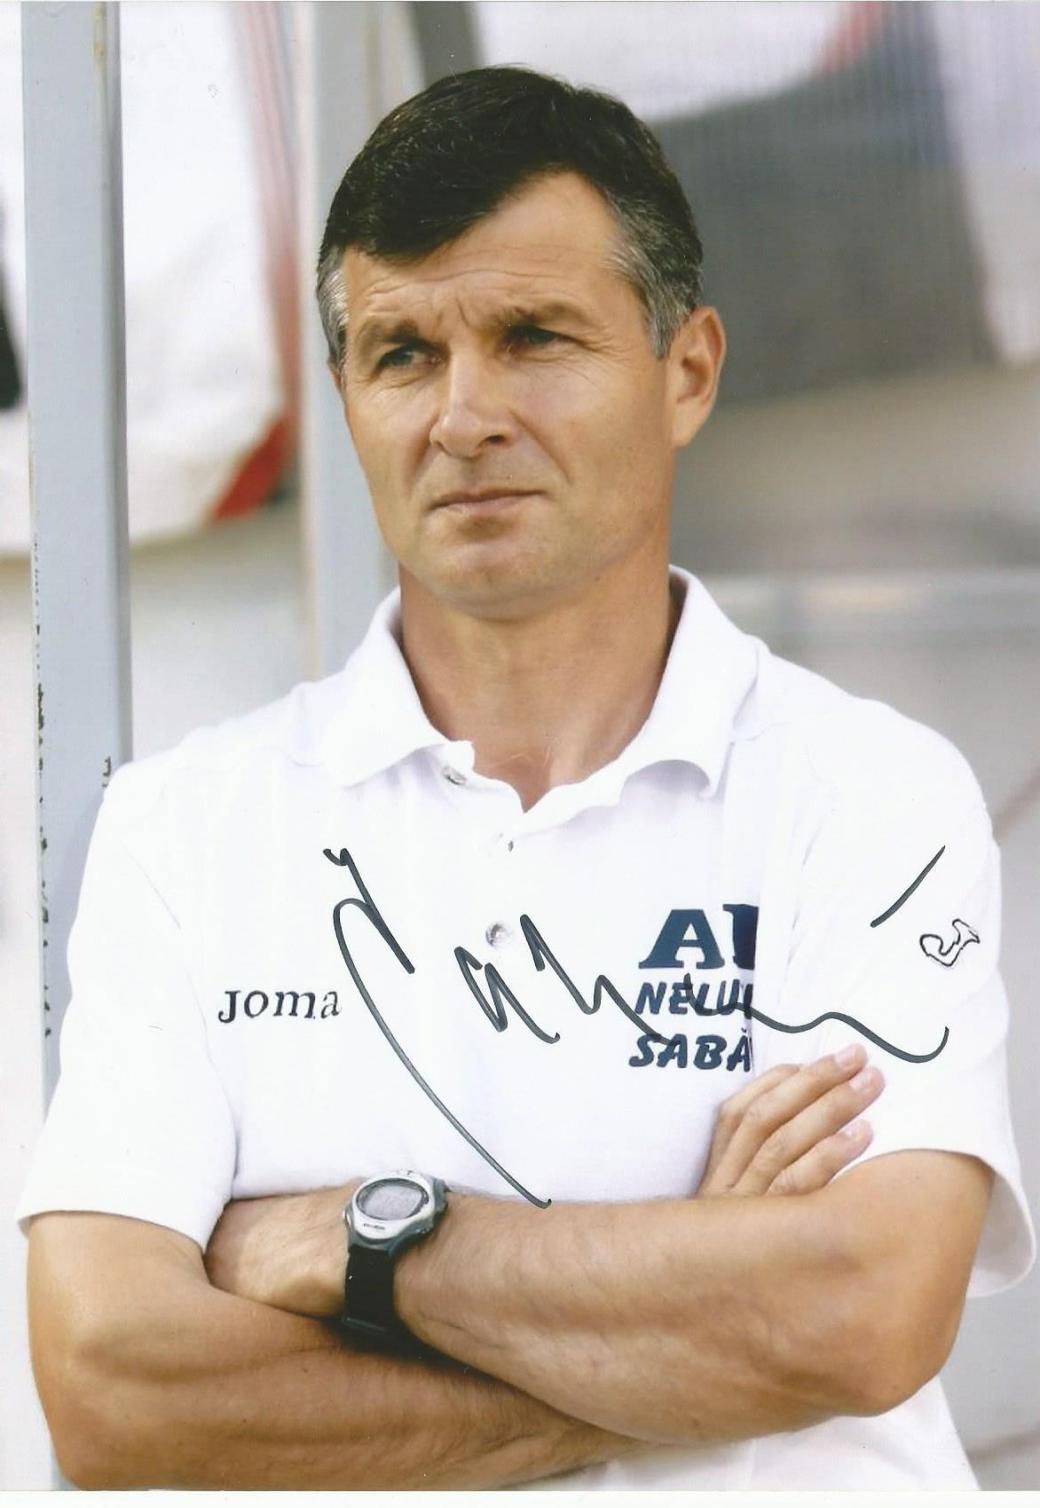 Ioan Sabau